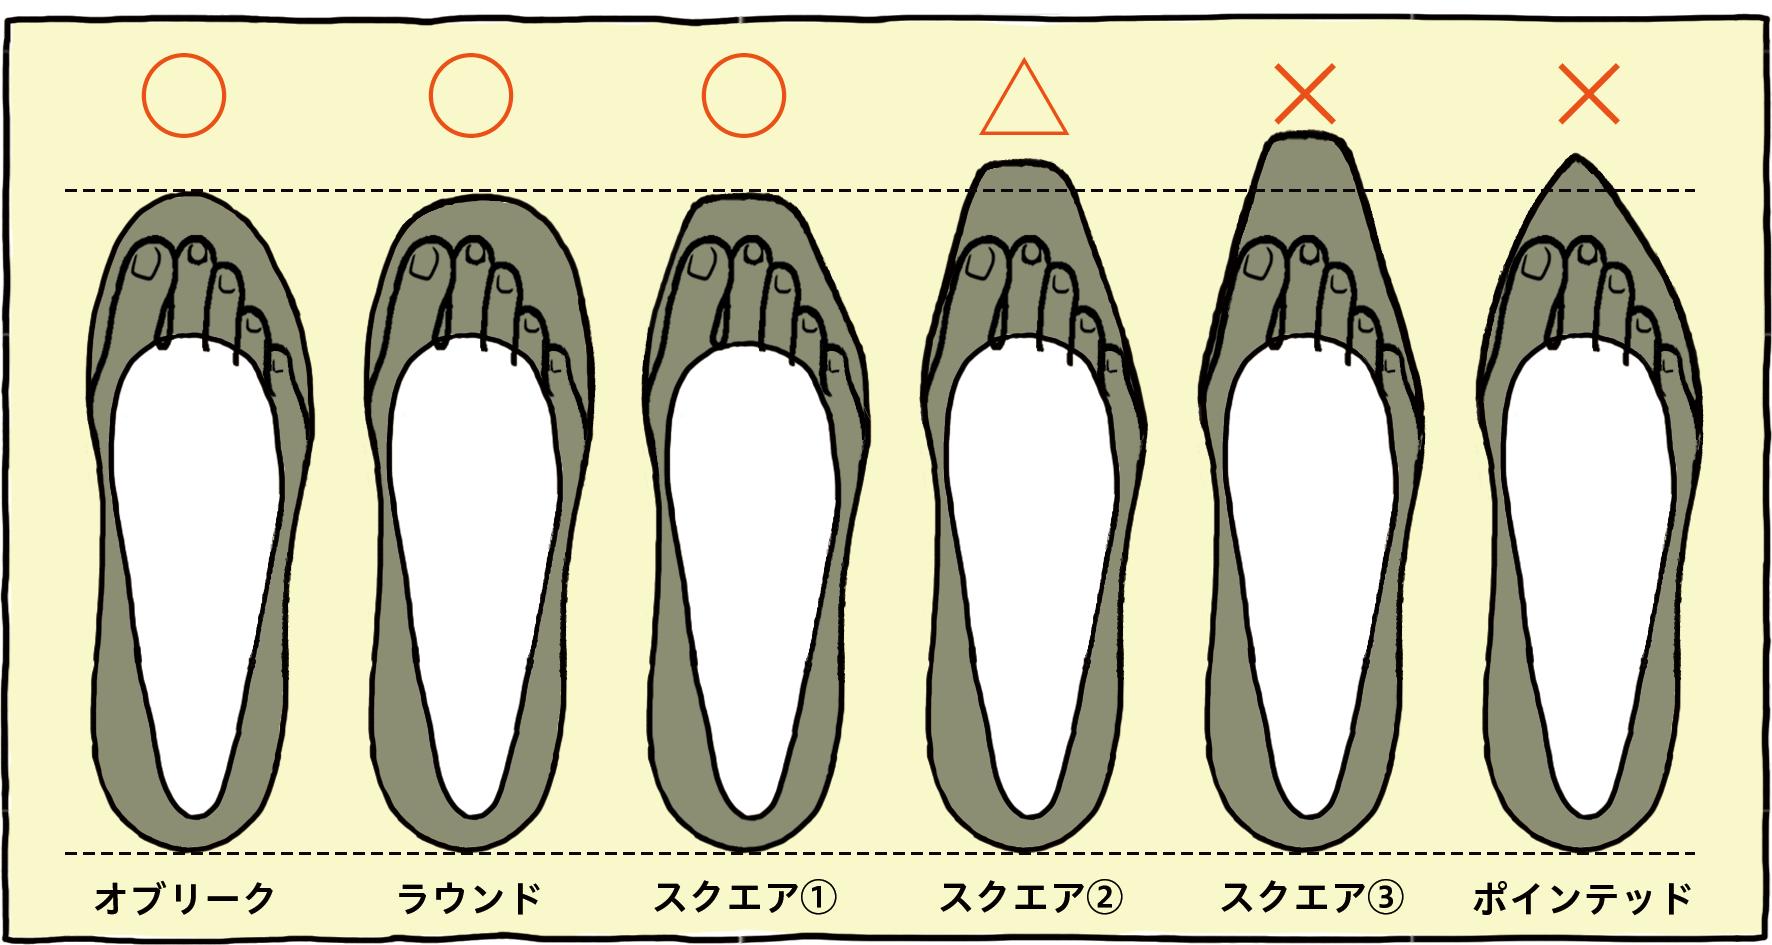 パンプスの爪先一覧